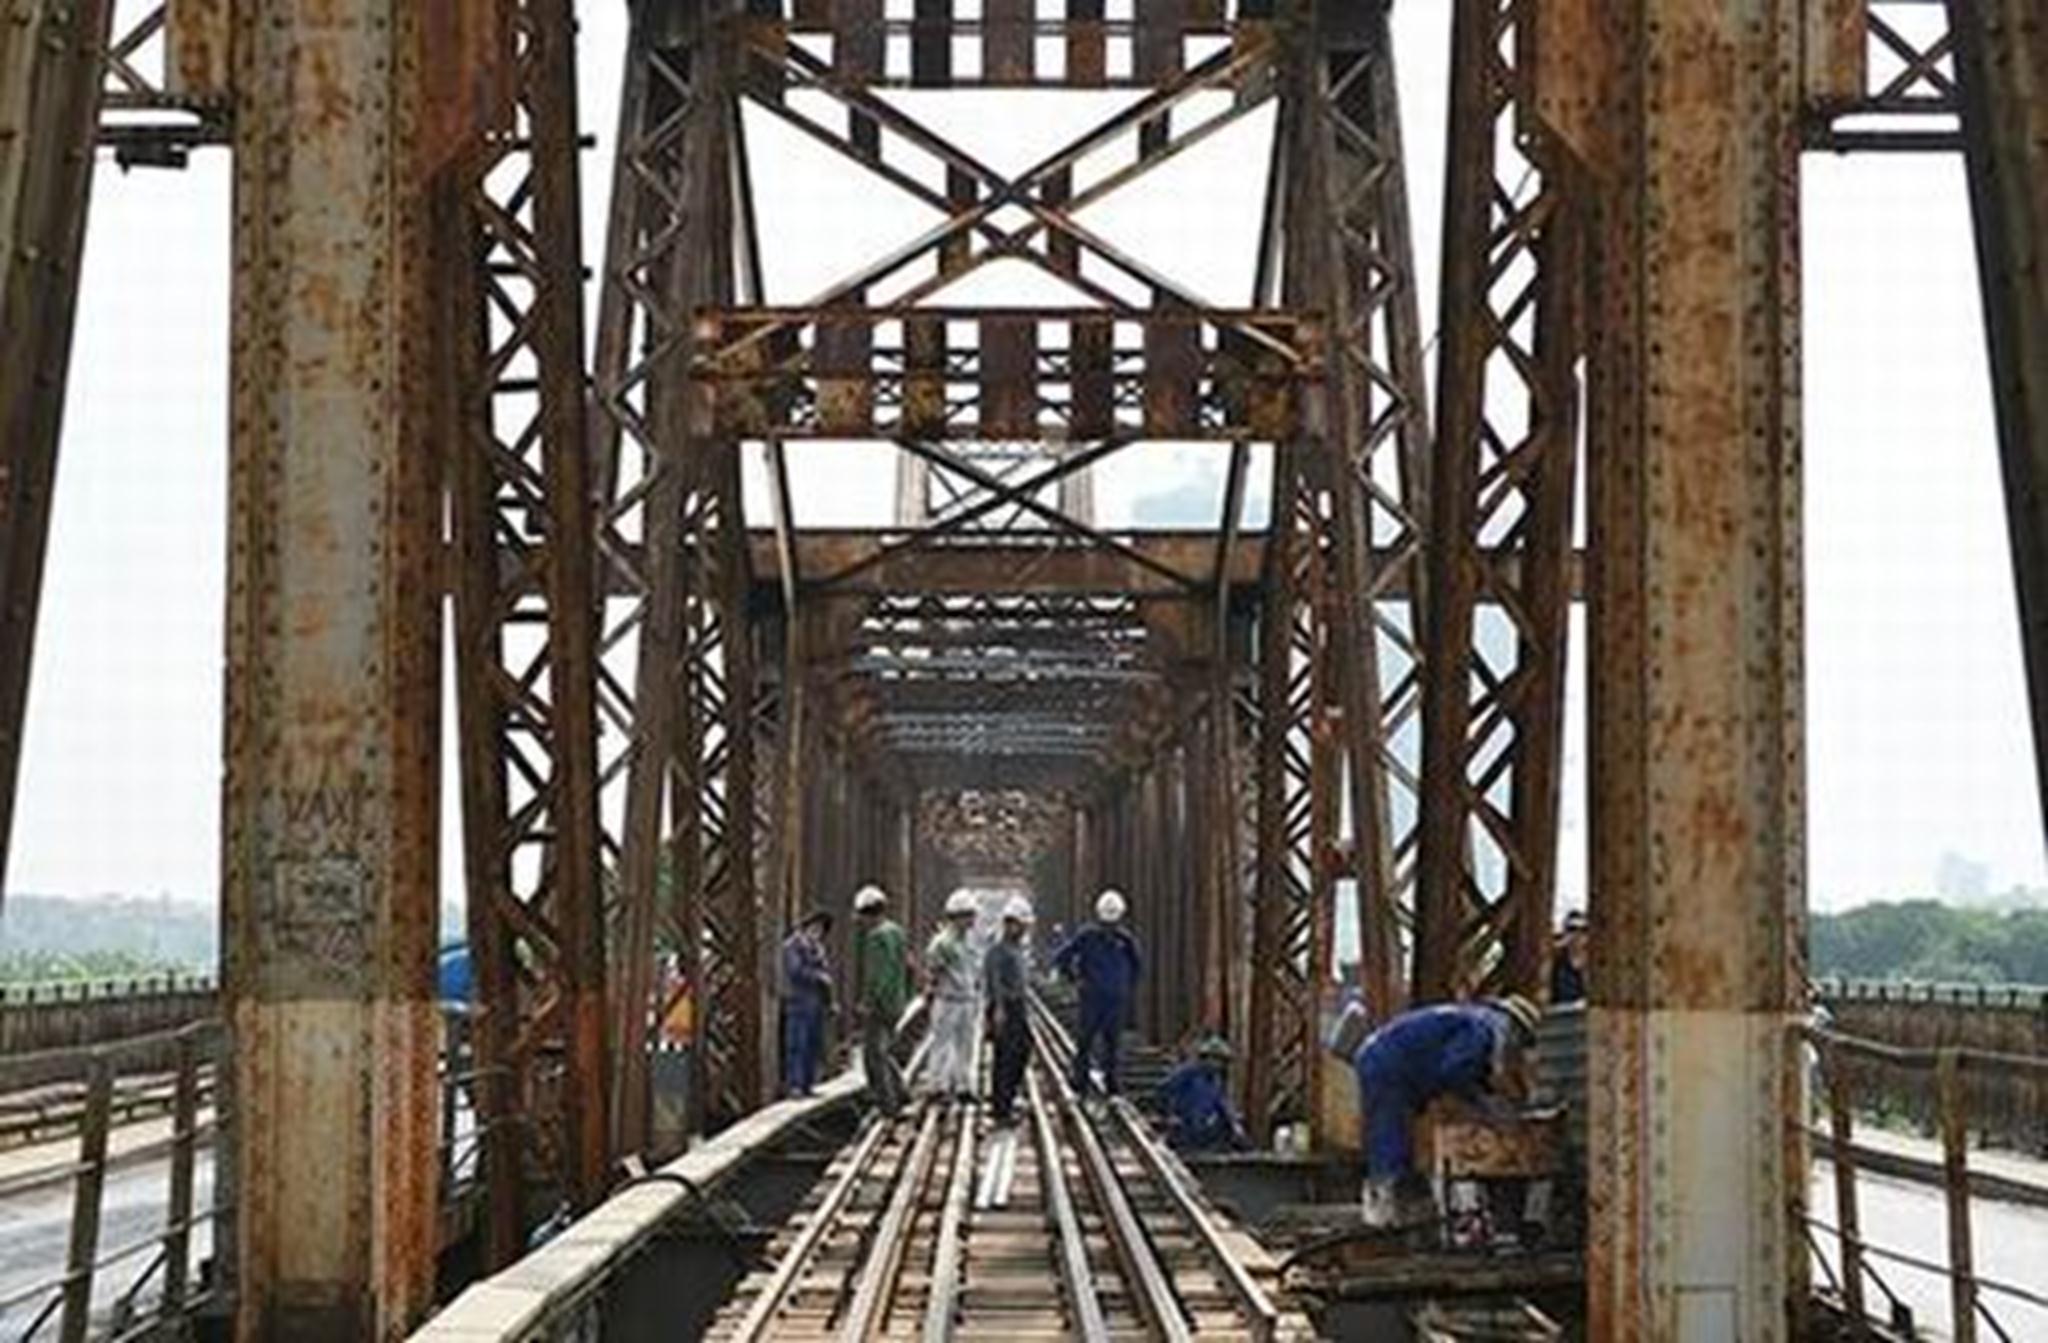 Tồn tại đã hơn 110 năm cùng sự xuống cấp nghiêm trọng, dự án khôi phục quy mô lớn cầu Long Biên được khởi động từ tháng 4/2015.